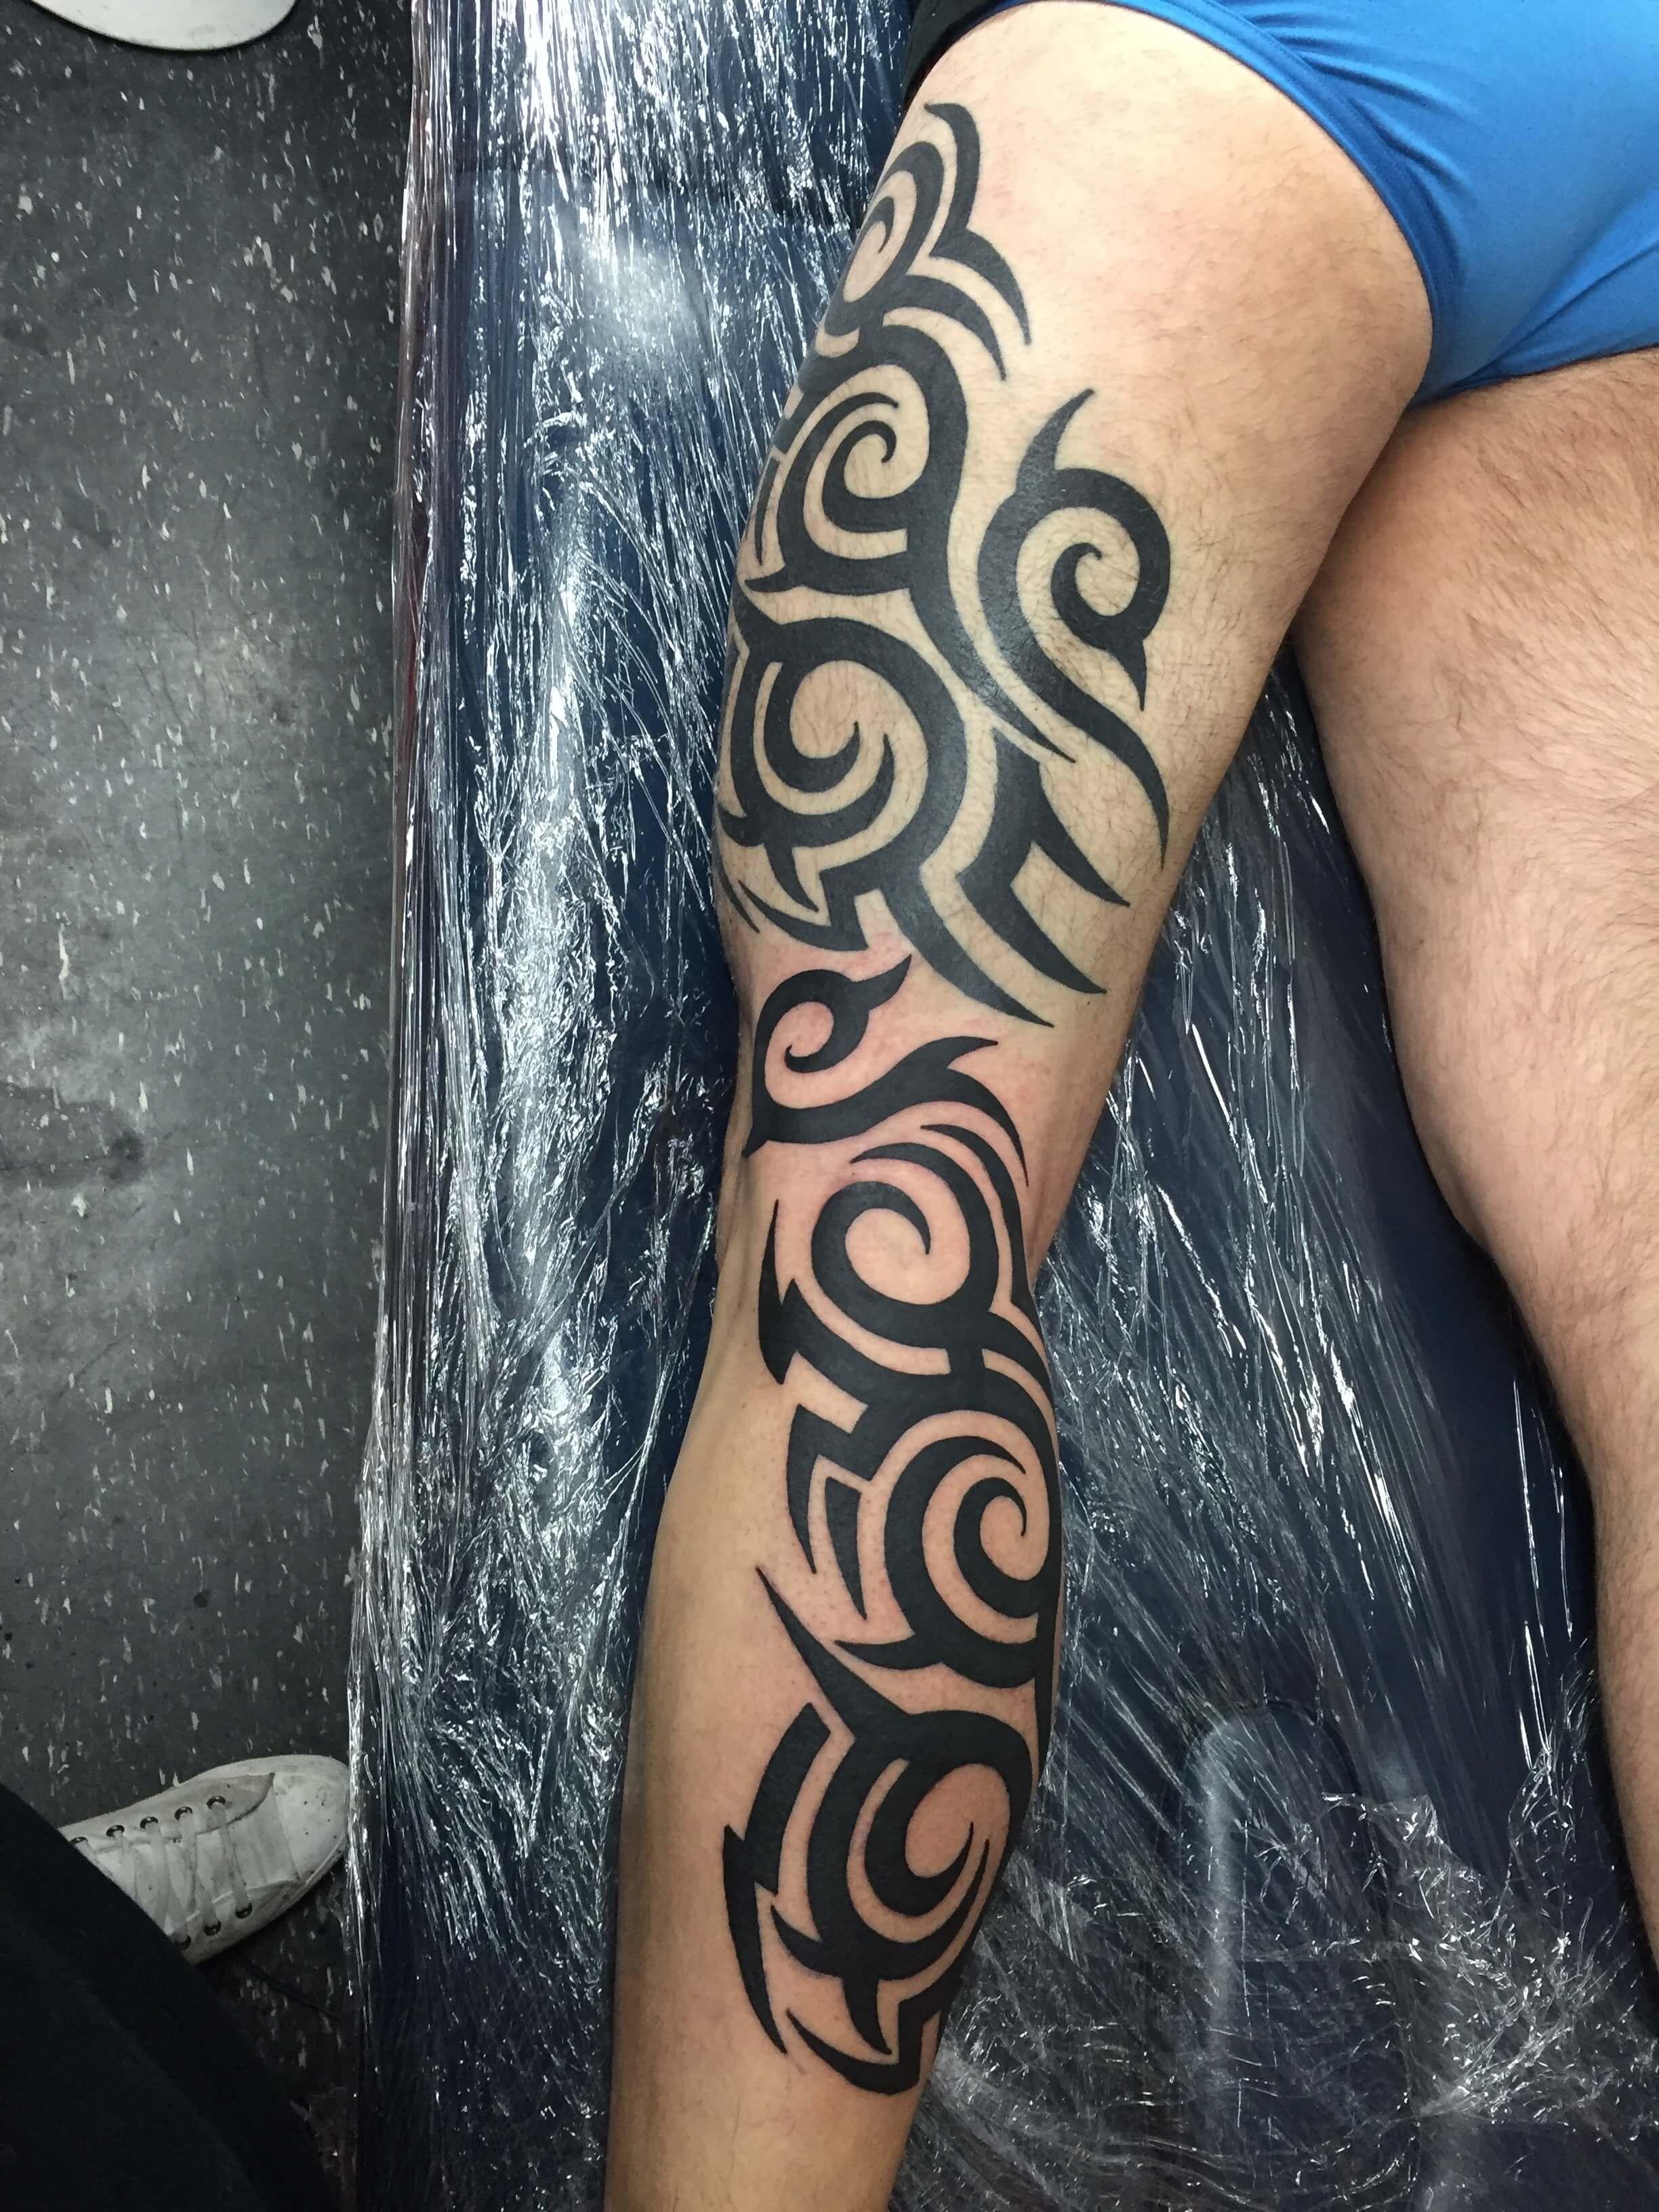 Tribal full leg